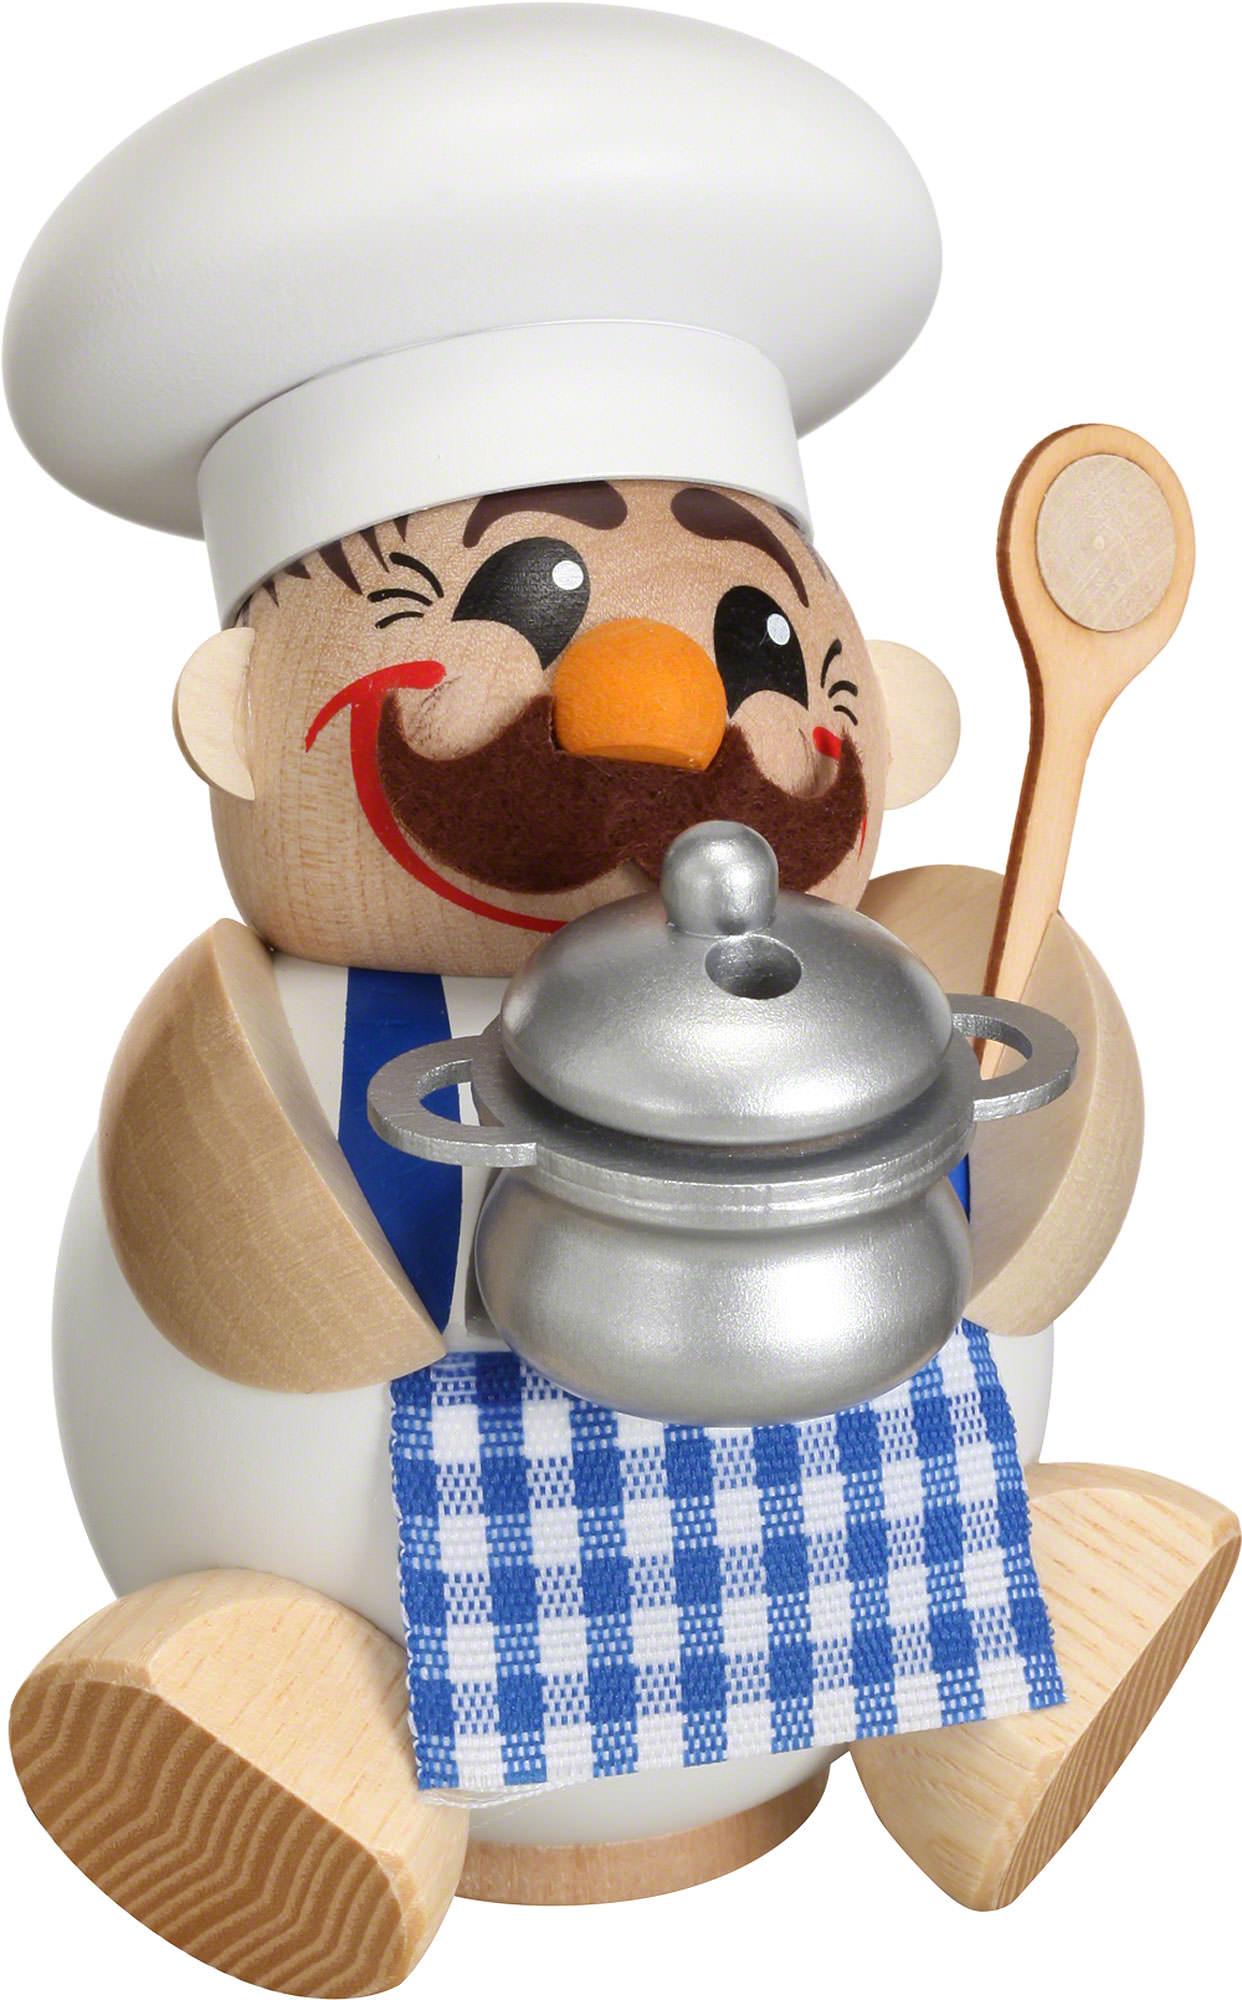 R ucherm nnchen koch kugelr ucherfigur 12 cm von for Koch von bonanza